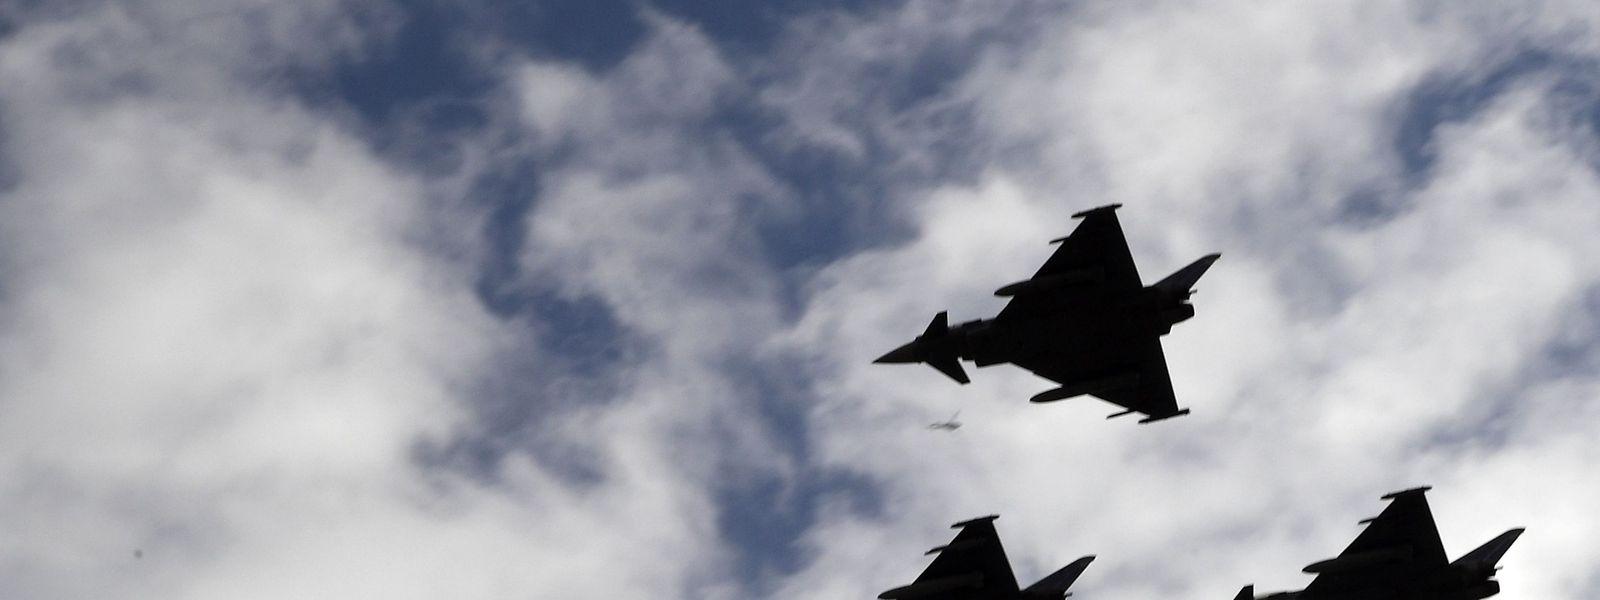 Vier Eurofighter waren Teil der Parade zum spanischen Nationalfeiertag. Auf dem Rückflug stürzte einer davon ab.